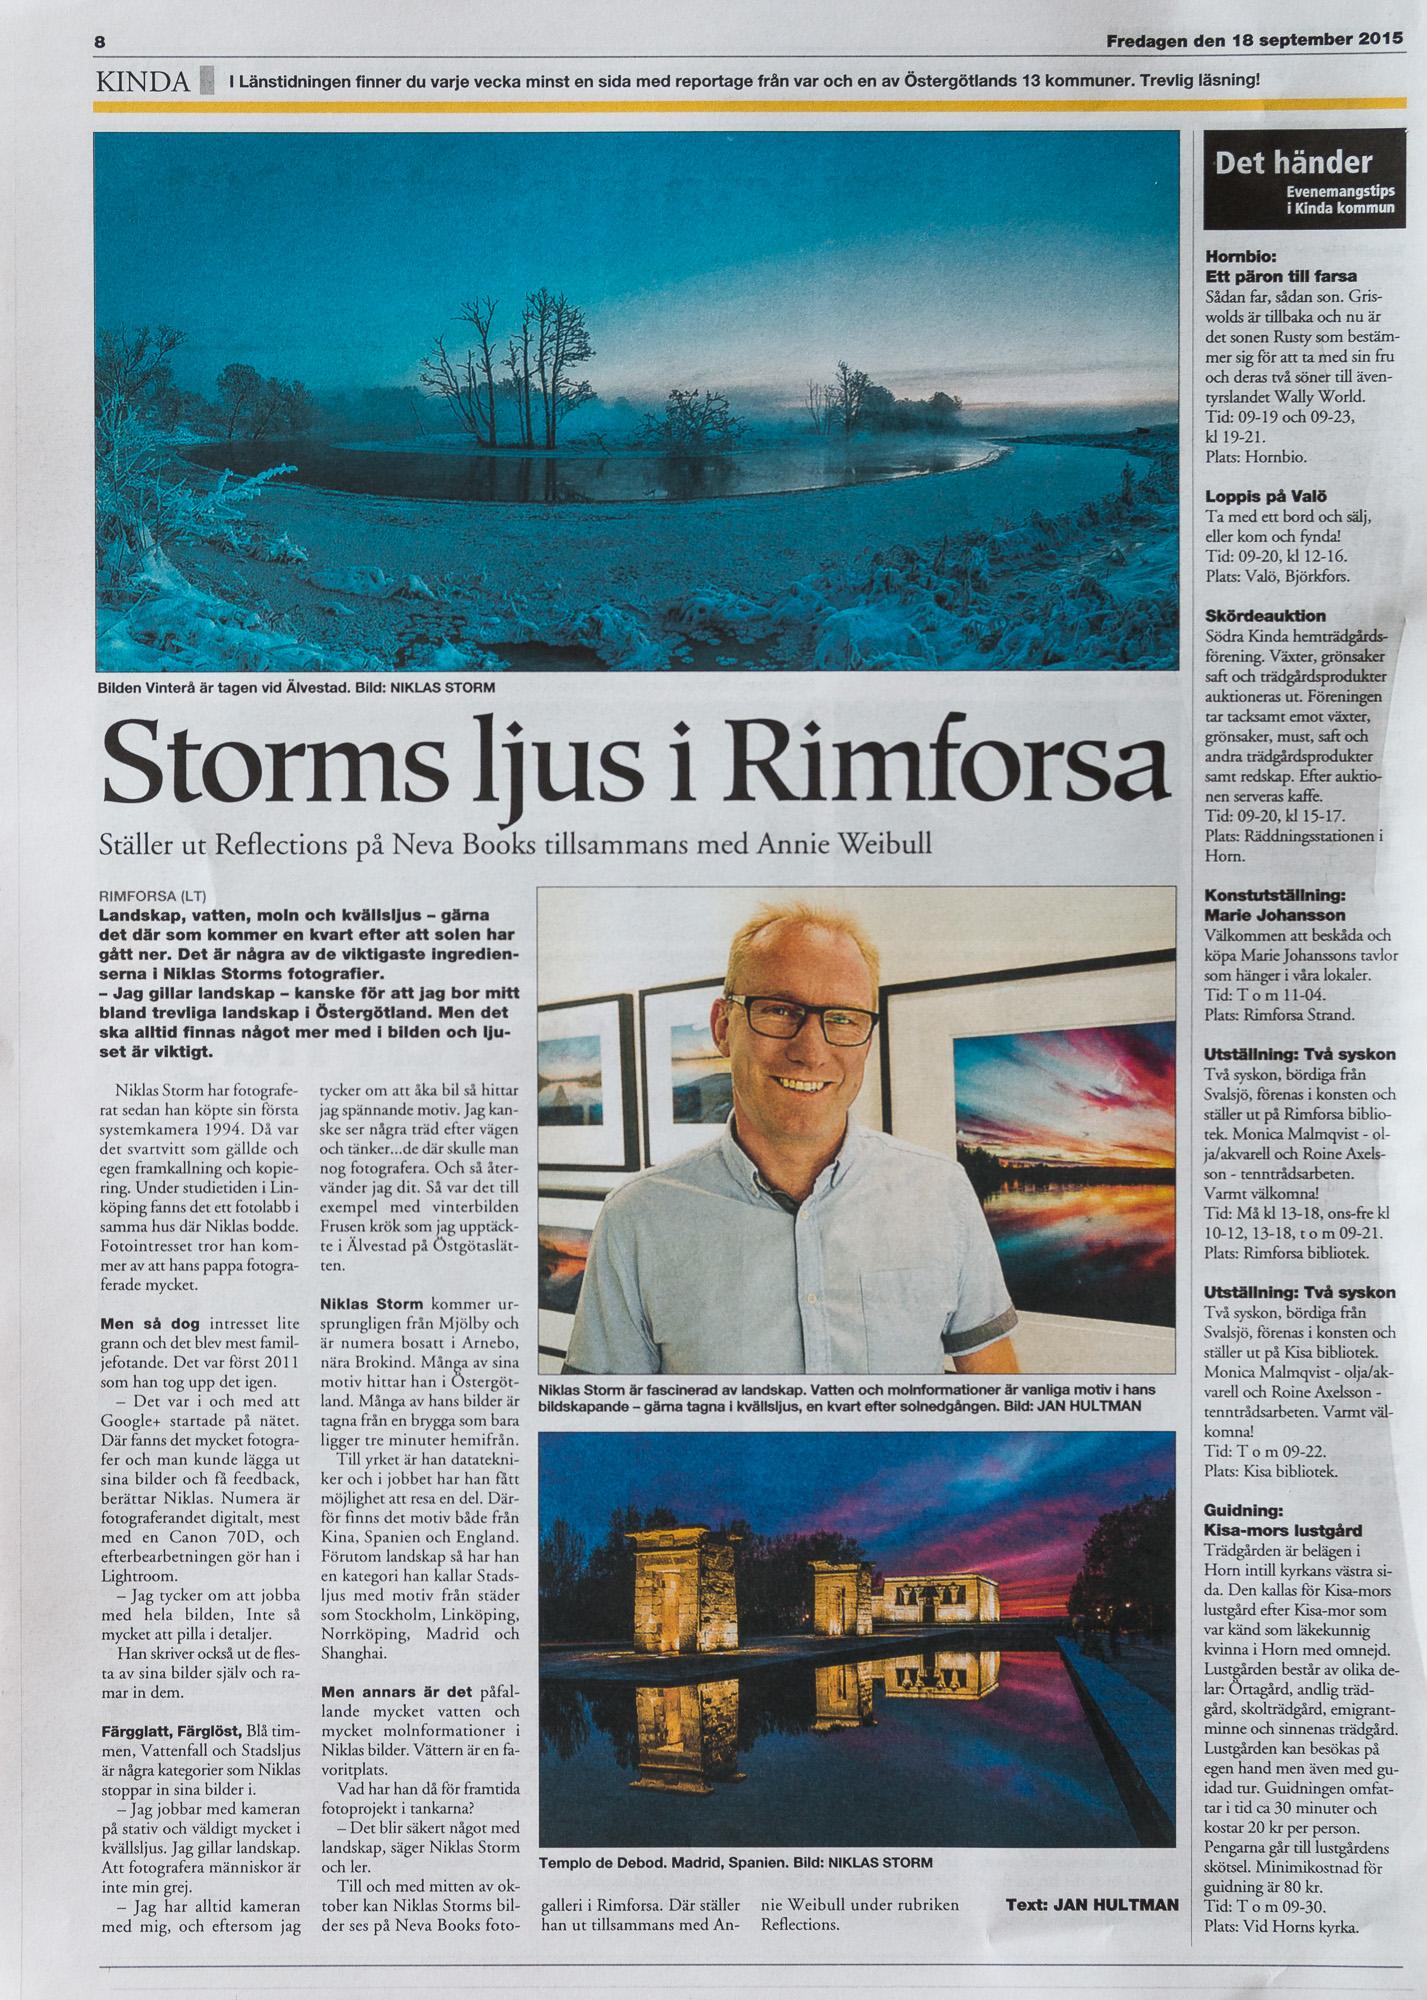 Intervju Länstidningen 2015-09-18